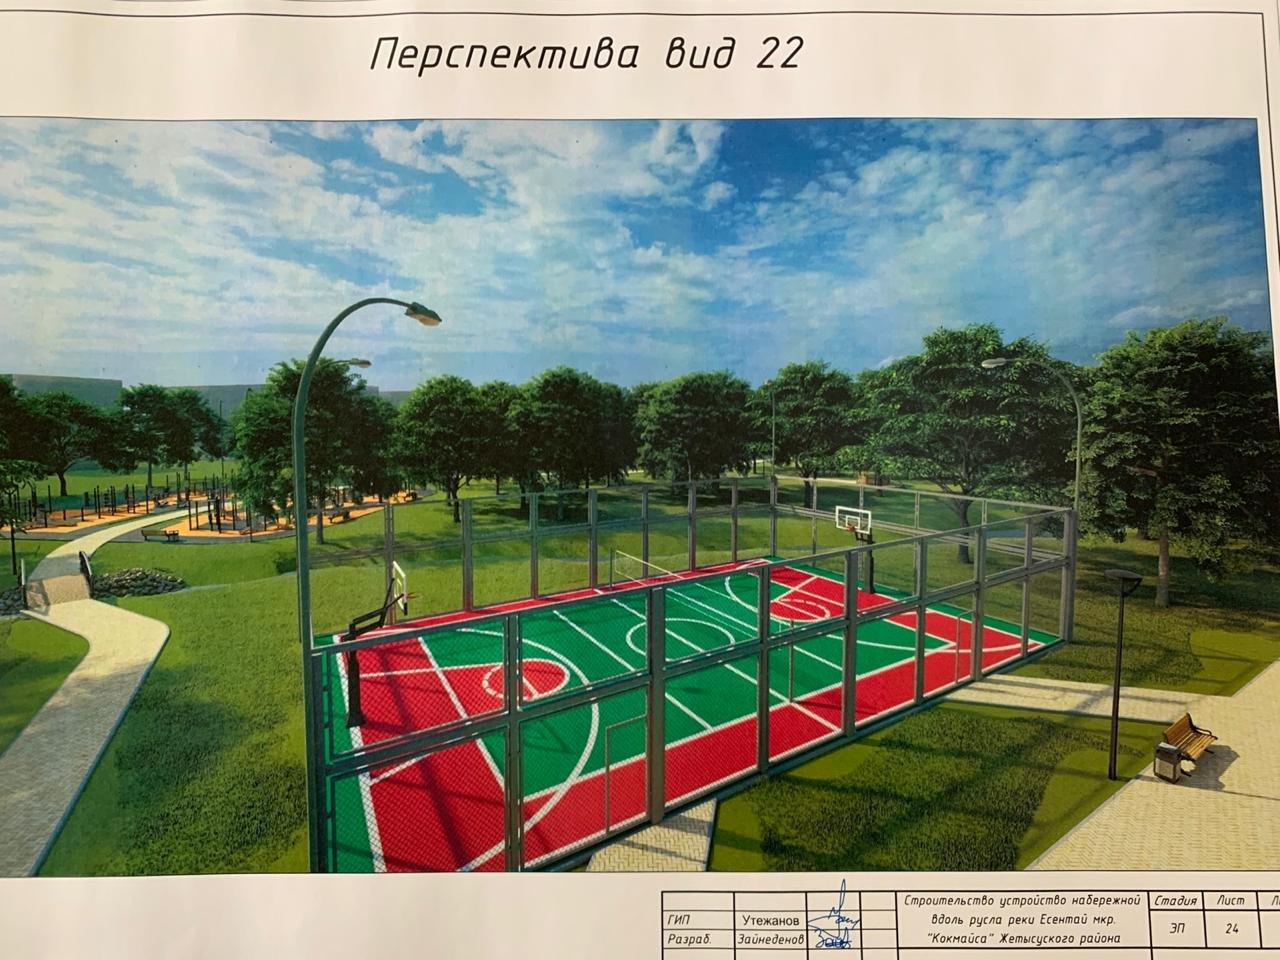 В Жетысуском районе Алматы планируют построить парковую зону вдоль набережной реки Есентай, фото-8